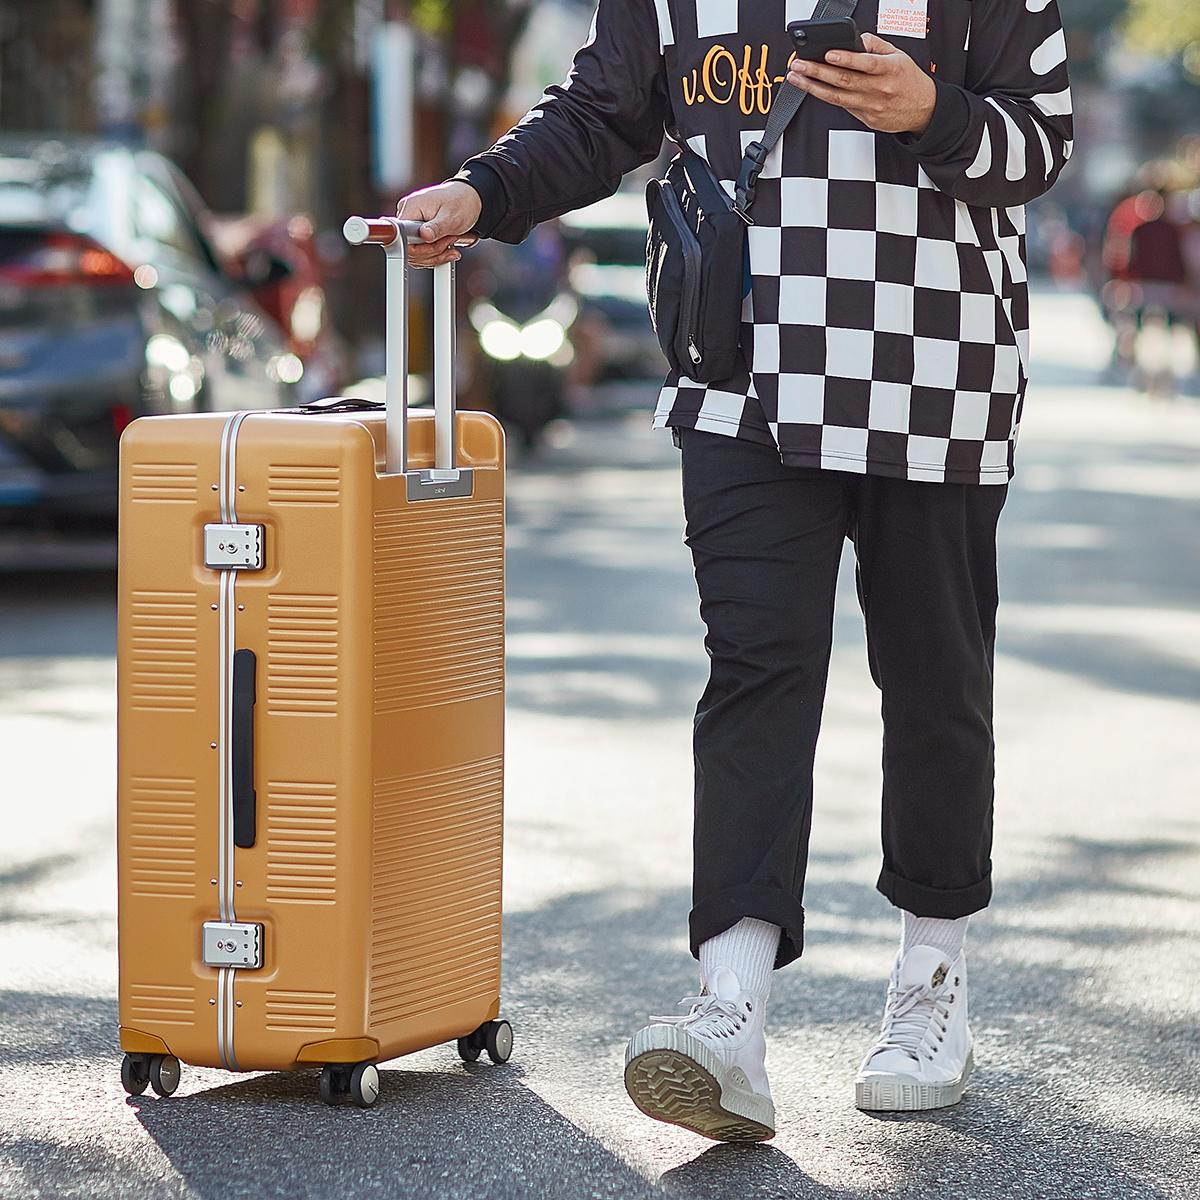 ハンドルが「ハンガーラック」に早変わりする、T字タイプのハンドル「TT Handle」を採用したスーツケース(88L・7泊〜)|RAWROW